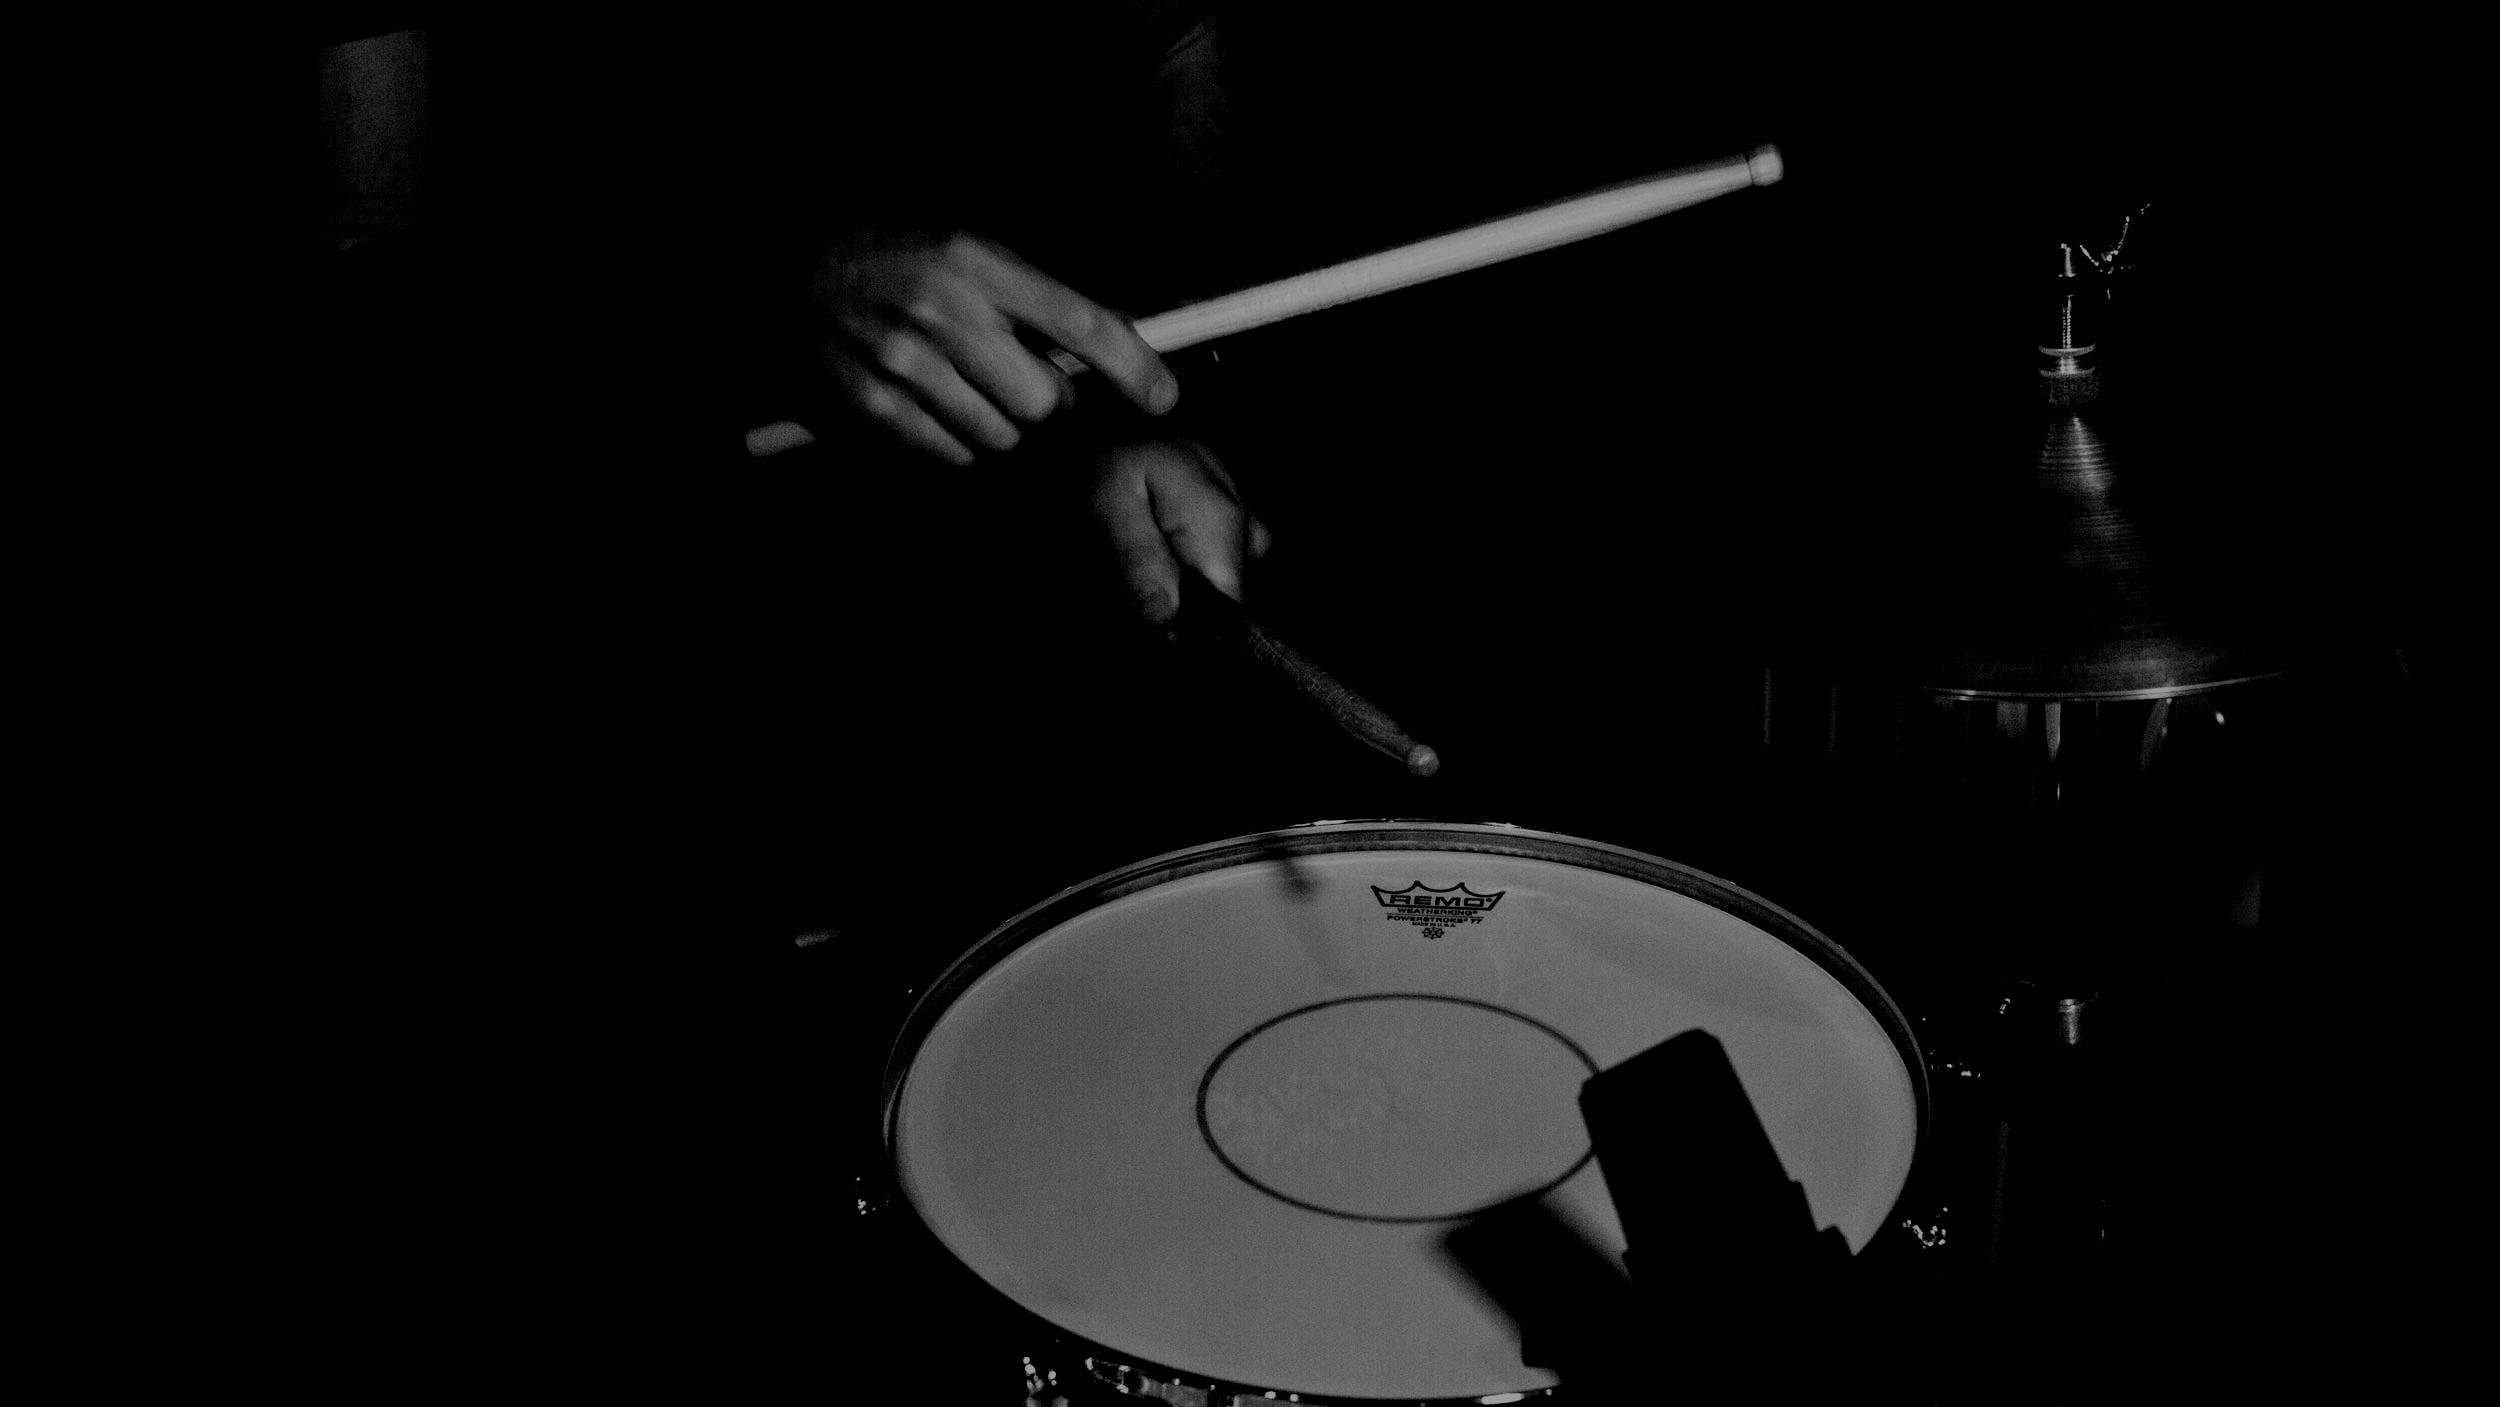 GARAGE DRUM SAMPLES — Circles Drum Samples